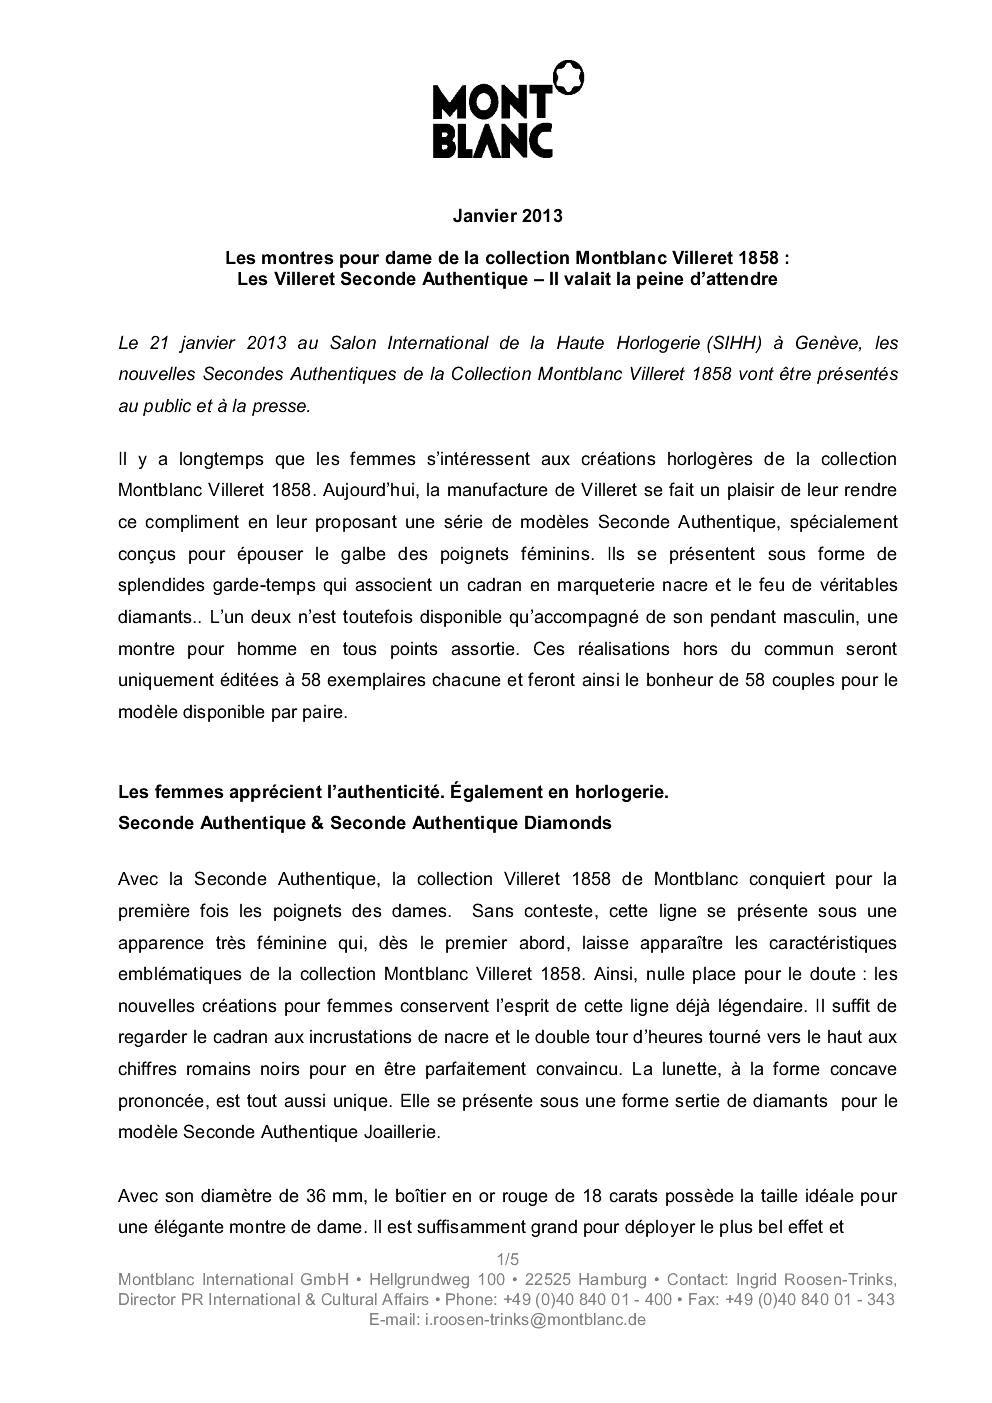 SIHH 2013 MONTBLANC Villeret Seconde Authentique Ji1f92